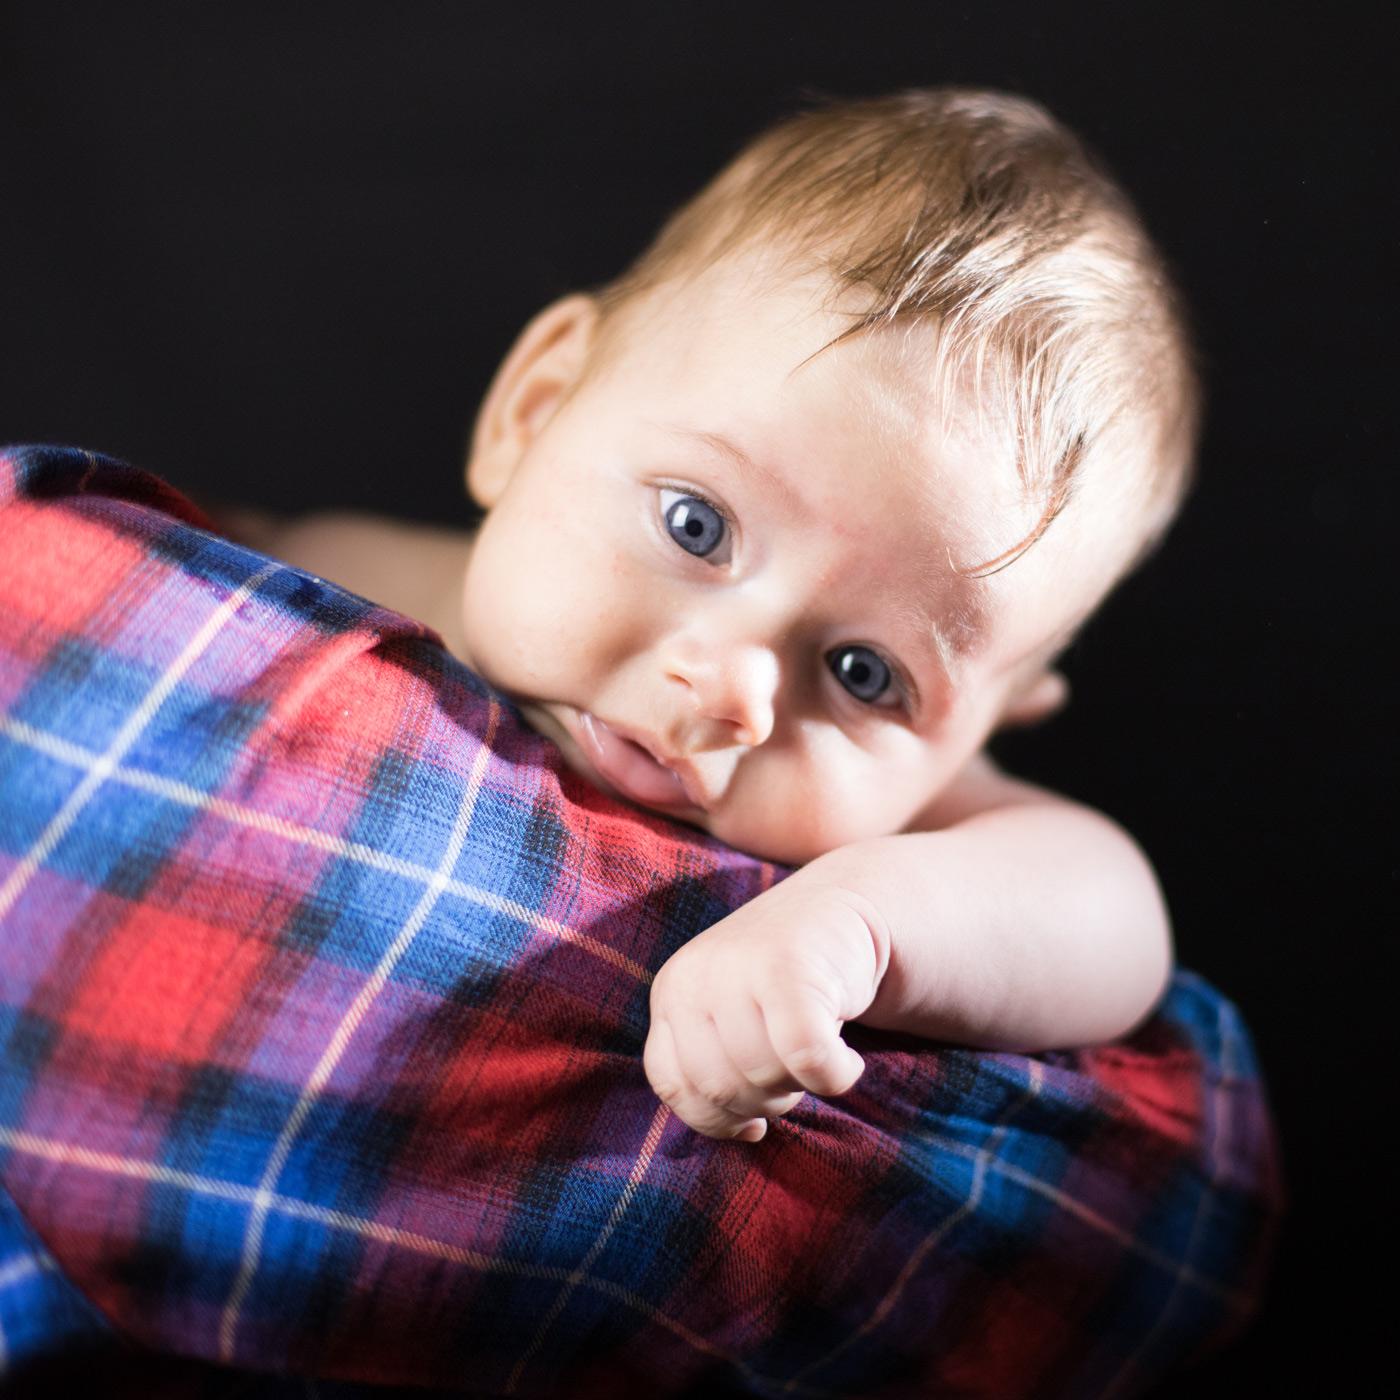 primer plano de un bebe en brazos de su madre con una camisa de cuadros y un fondo negro